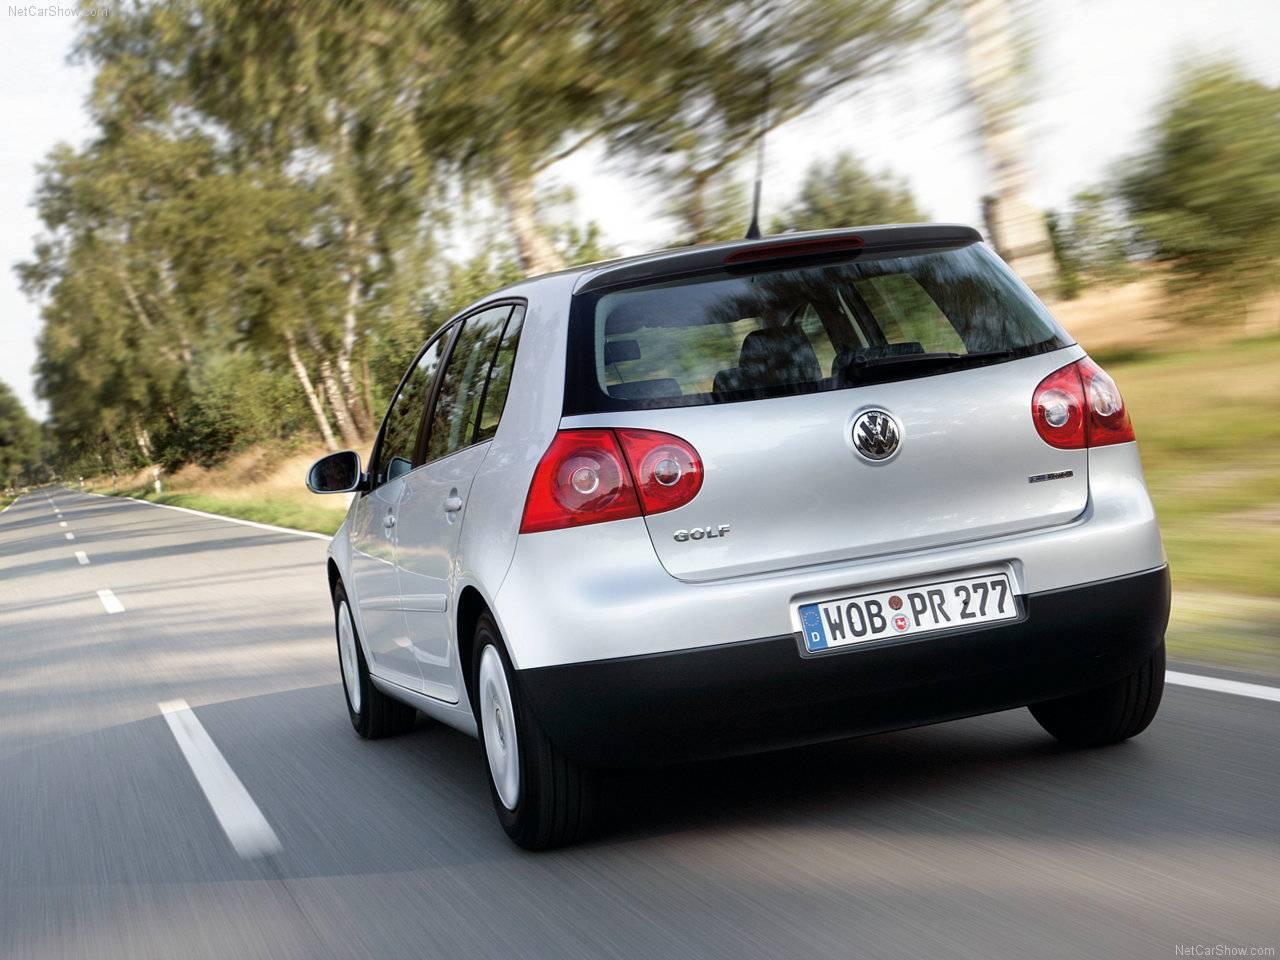 http://2.bp.blogspot.com/_lsyt_wQ2awY/TFWxsU954XI/AAAAAAACAlc/EMGnveXeguk/s1600/Volkswagen-Golf_BlueMotion_2008_1280x960_wallpaper_07.jpg